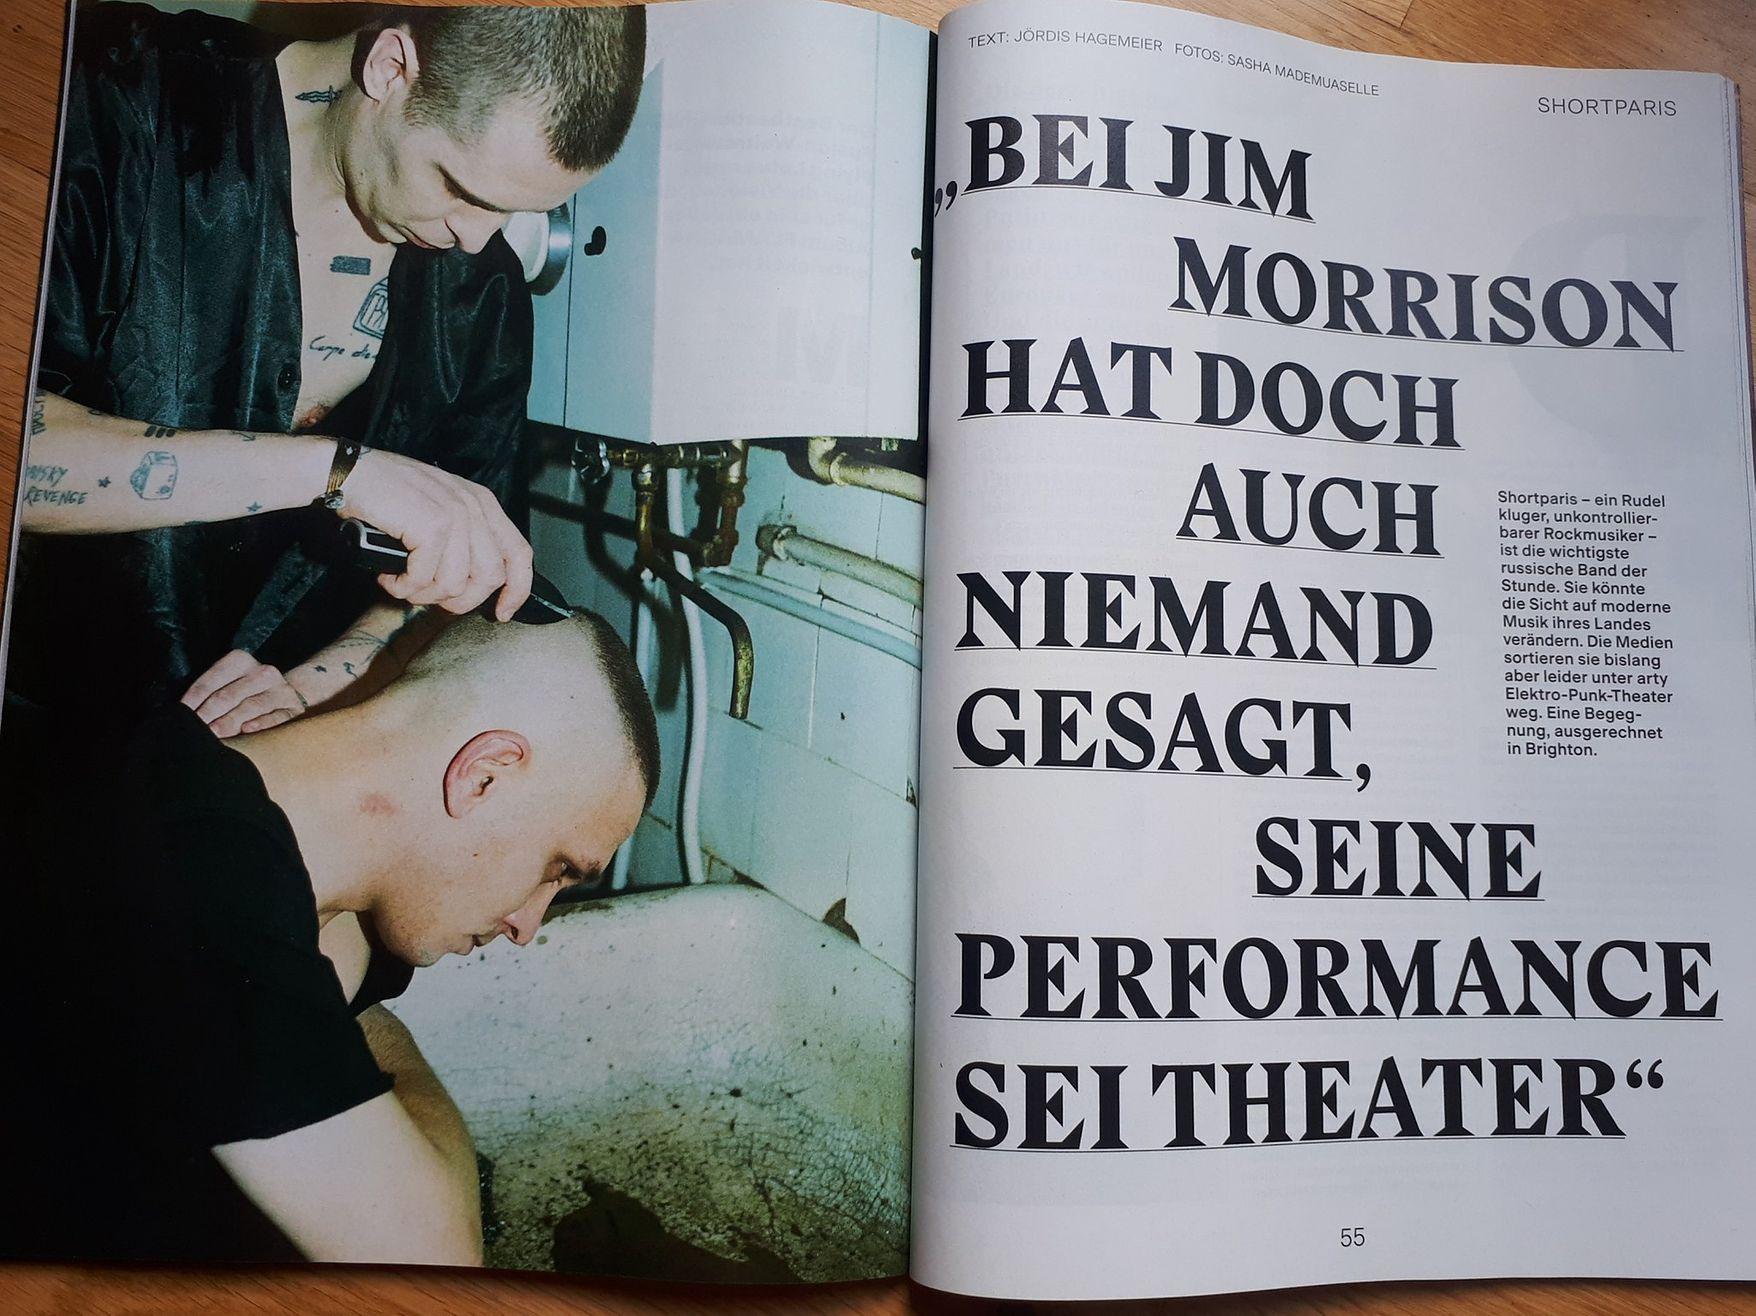 Интервью с Shortparis в июльском номере немецкого журнала Musikexpress. Фото: Наташа Падабед